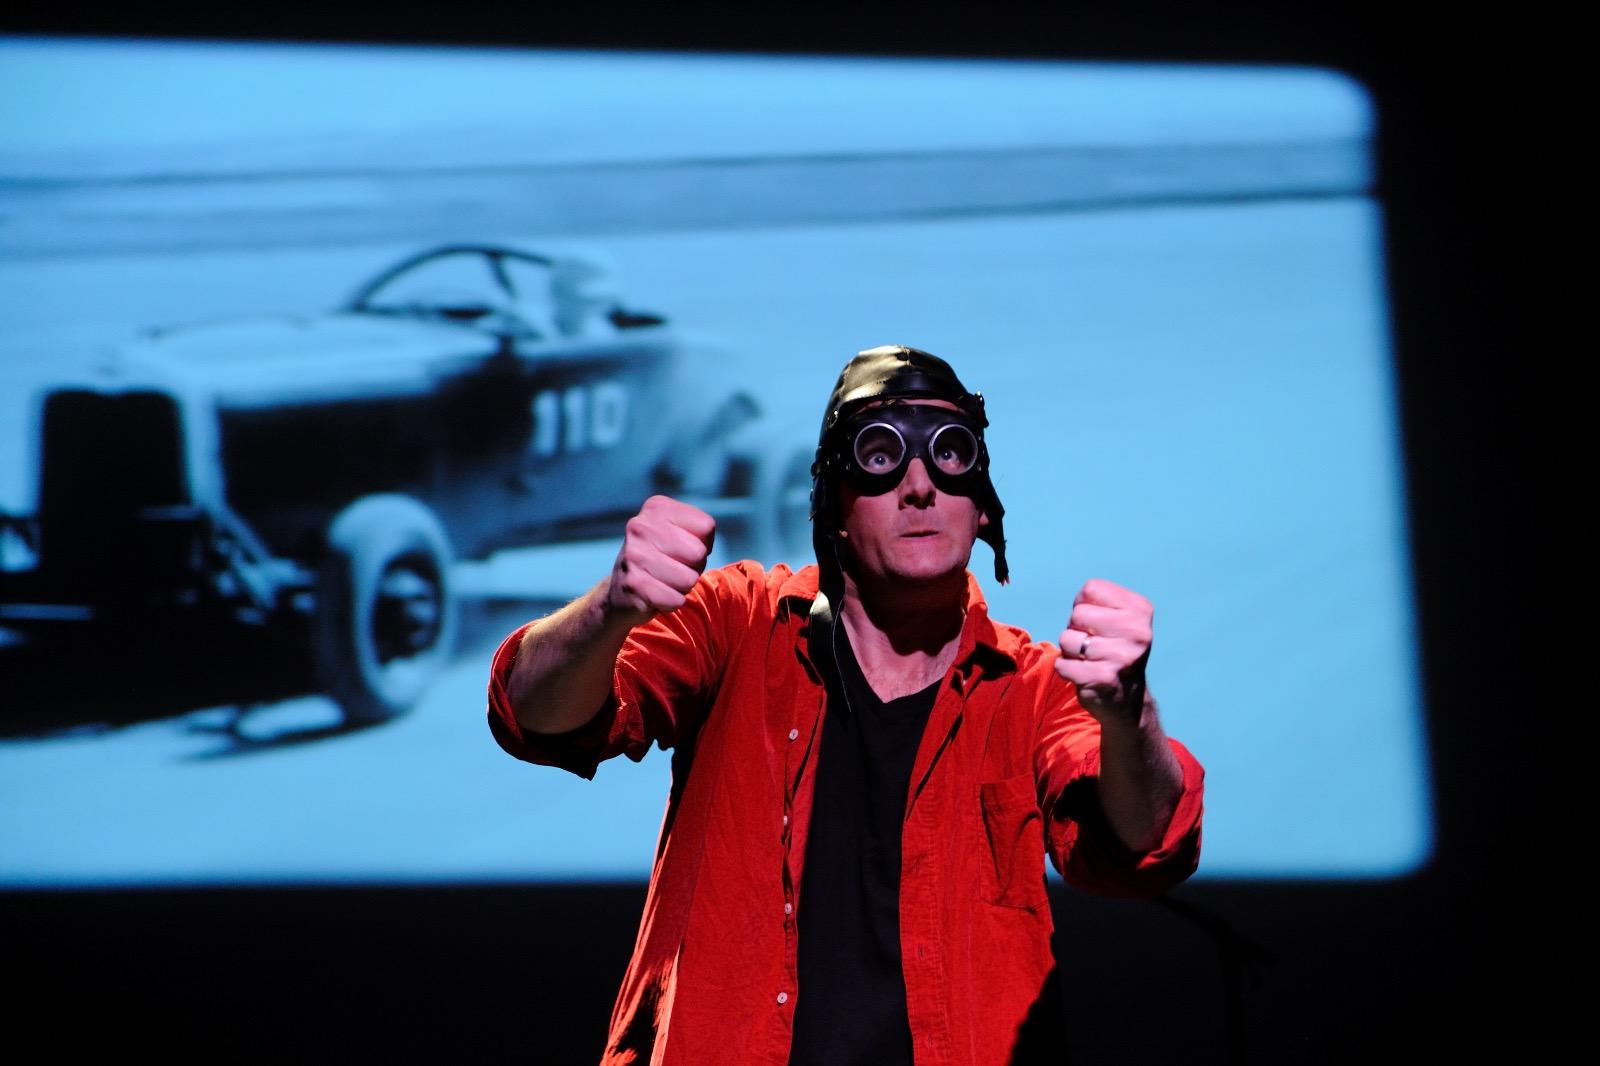 Jeroen Schipper maakt speciaal voor de kinderboekenweek de jeugdtheater voorstelling Uit de Bocht